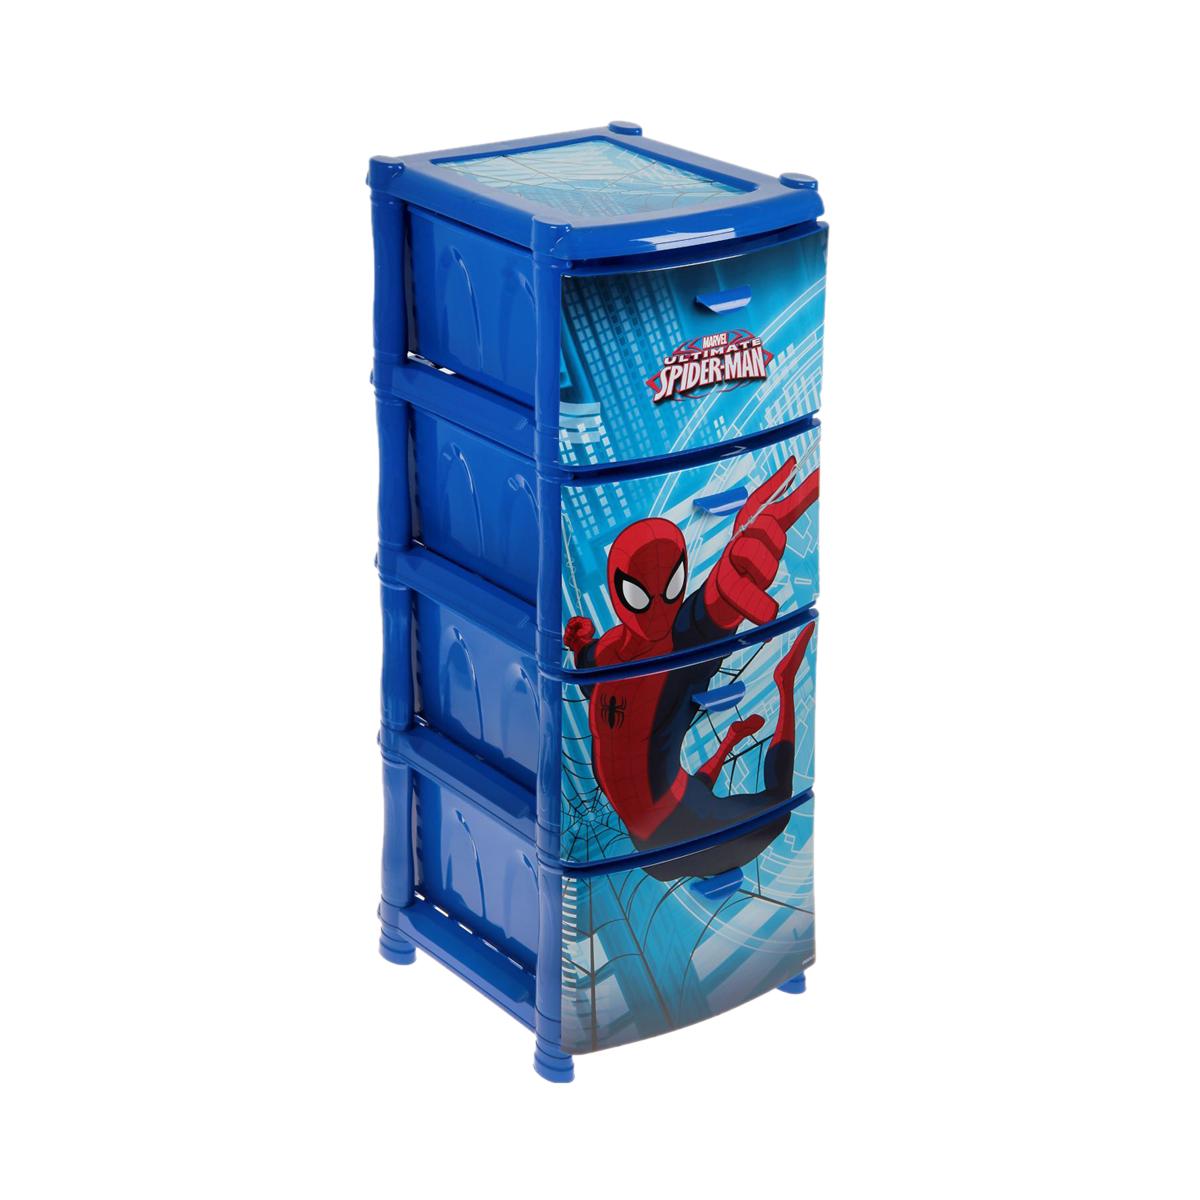 Комод  Человек паук, 4 секции, синийКорзины для игрушек<br>Комод  Человек паук, 4 секции, синий<br>